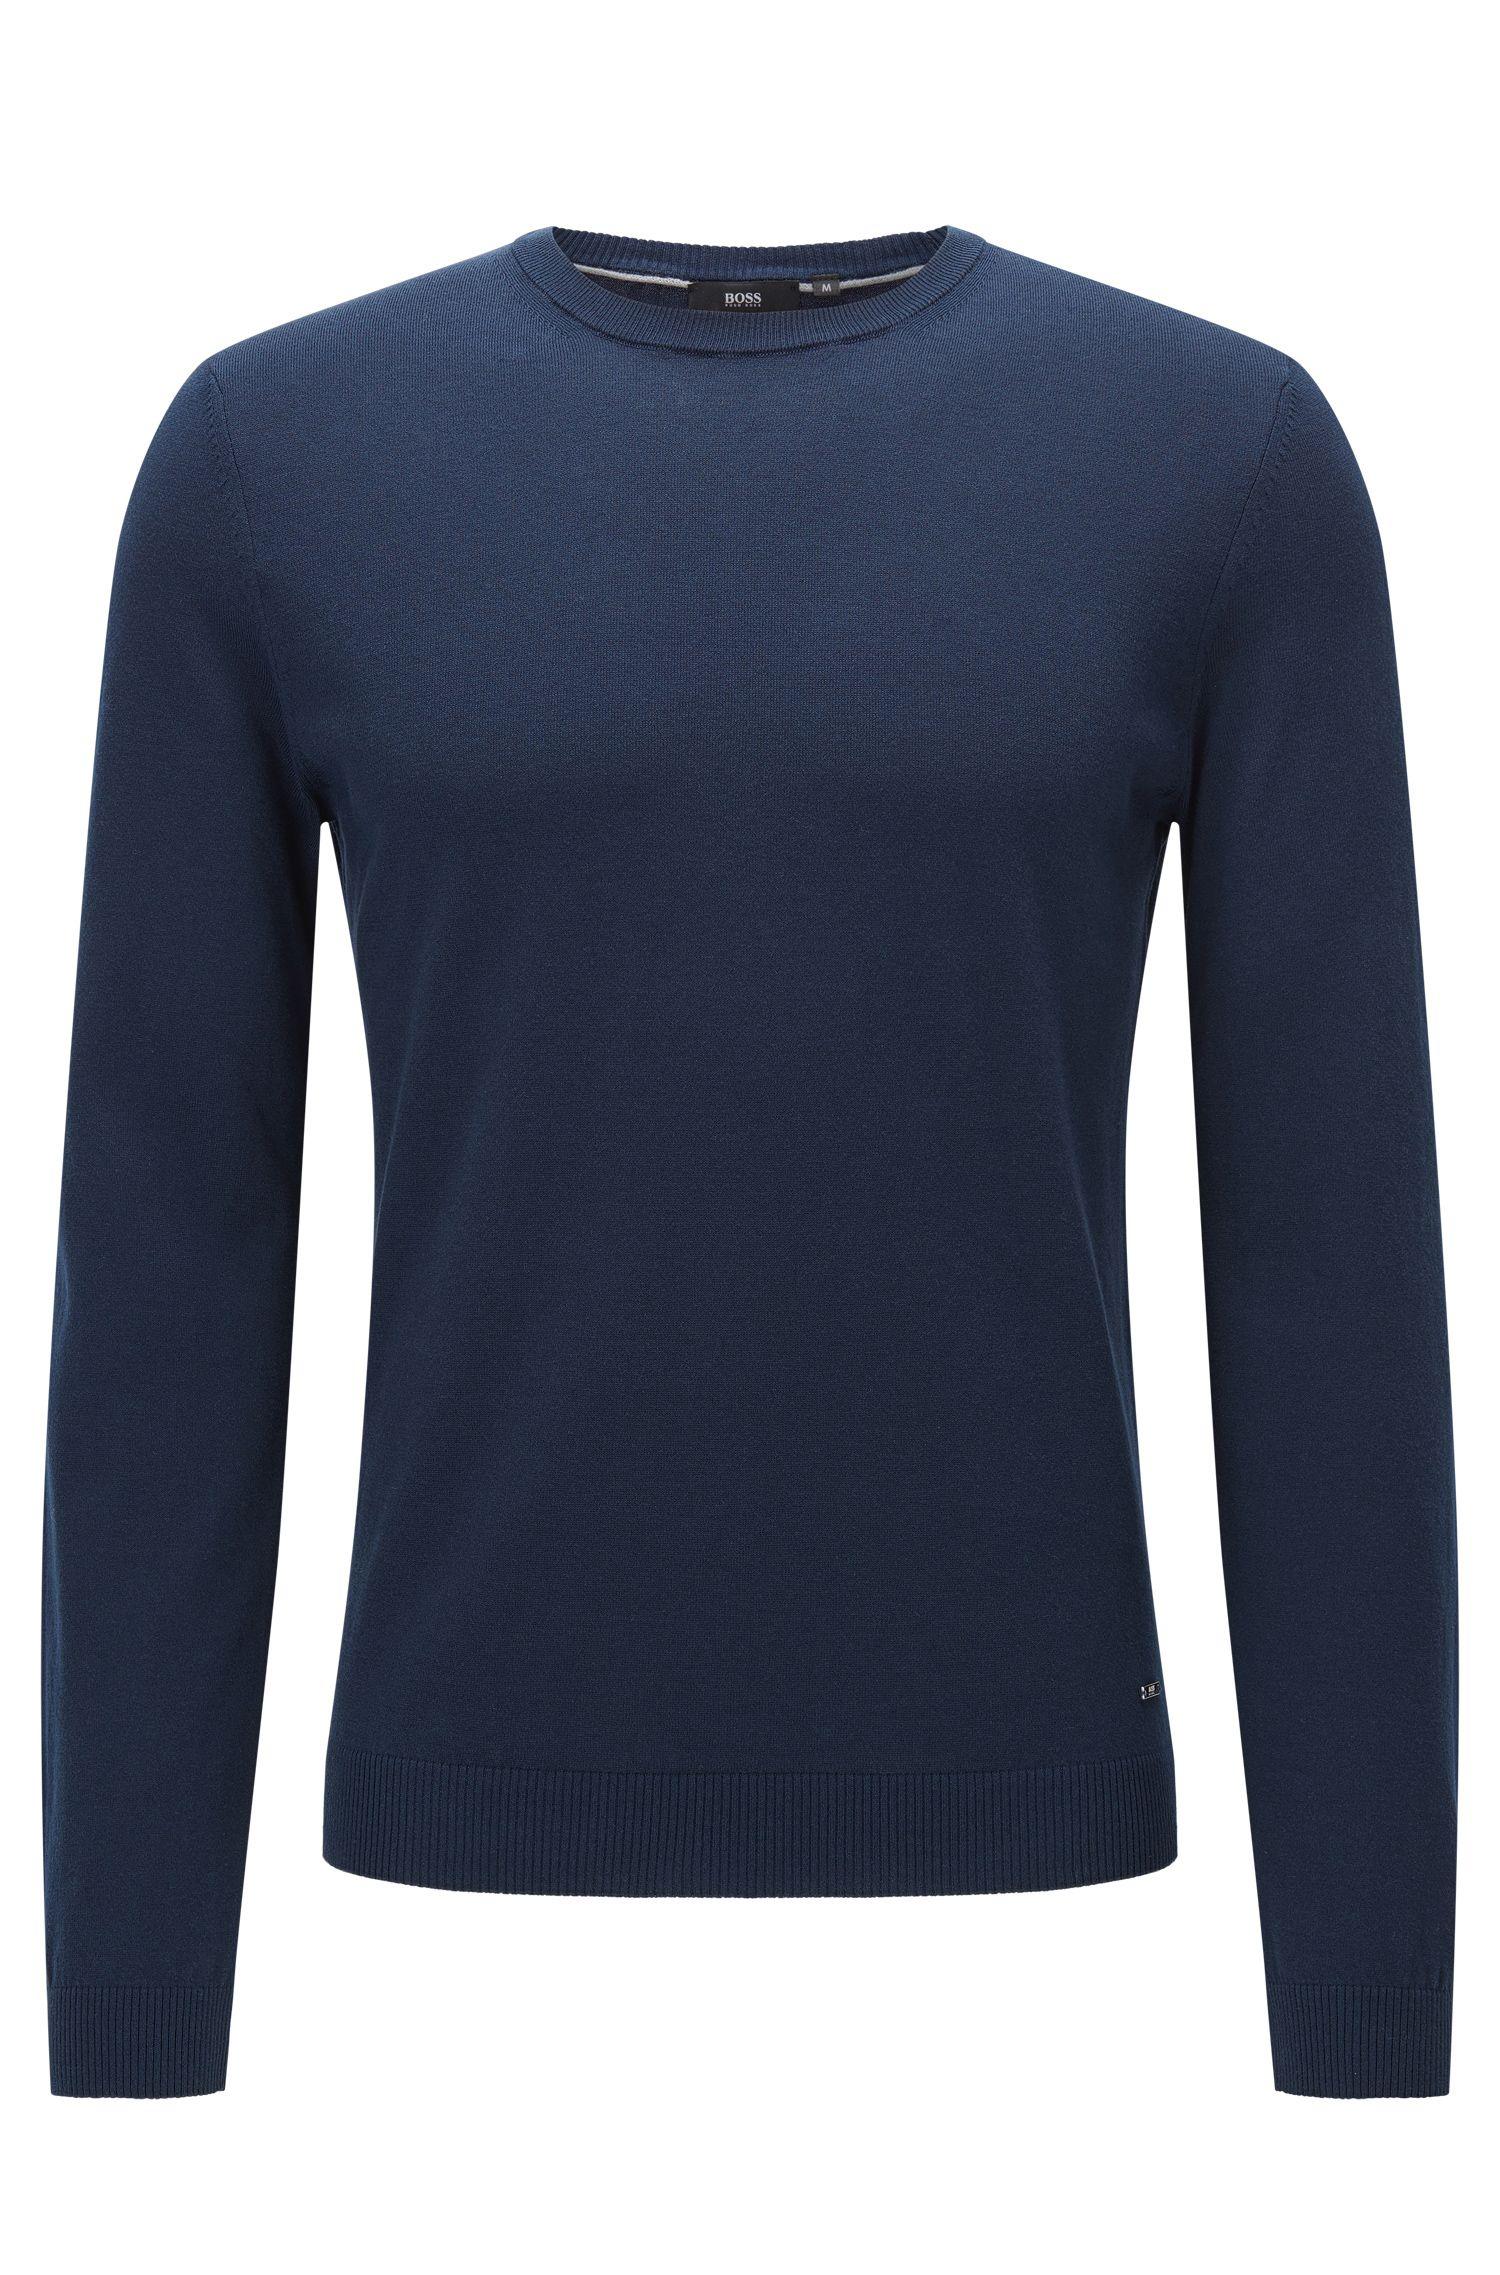 Maglione slim fit in cotone di qualità superiore con dettagli a coste